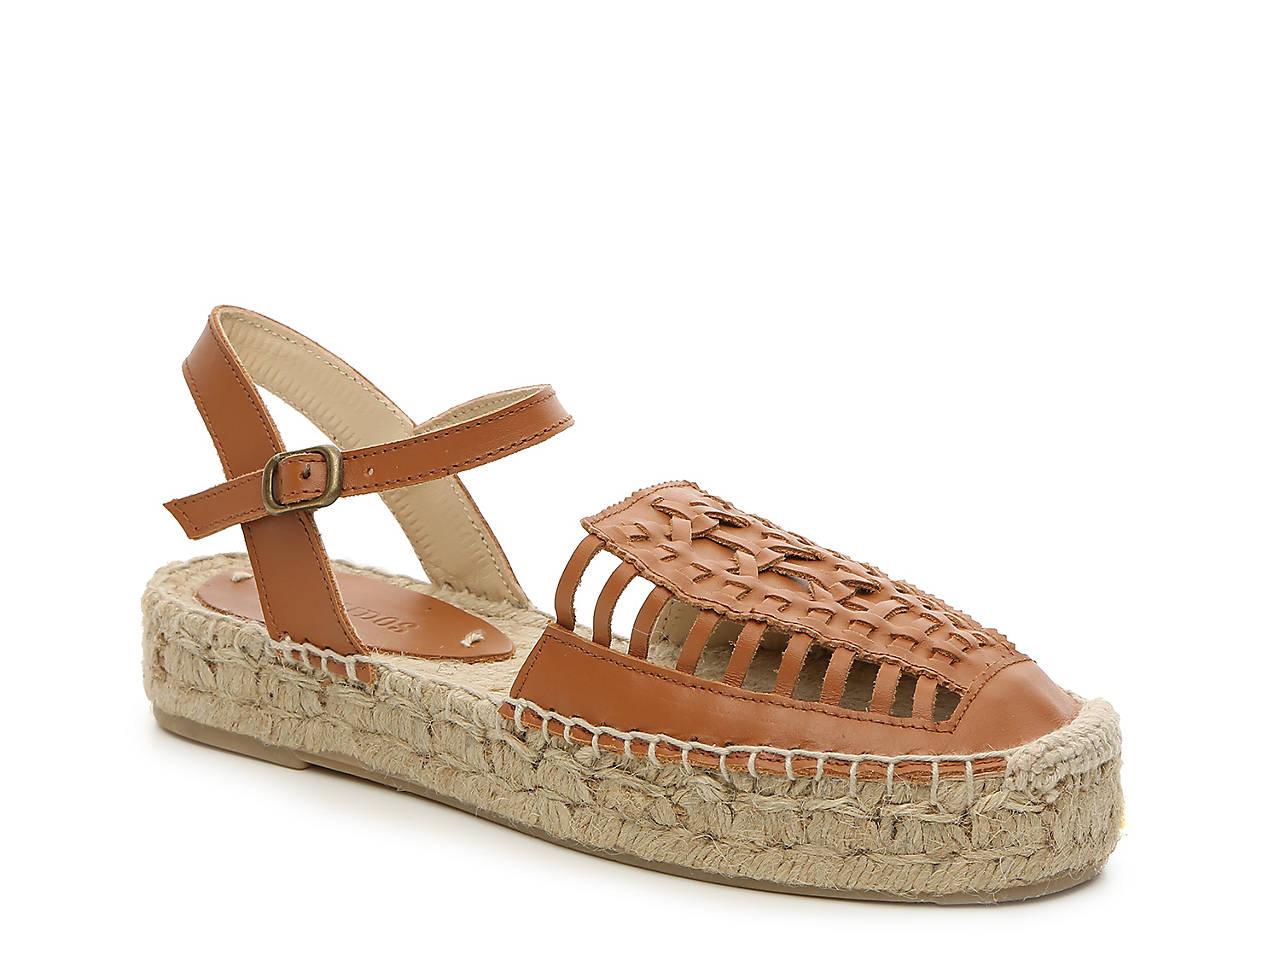 16e2561c45b9 Soludos Leather Espadrille Sandal Men s Shoes